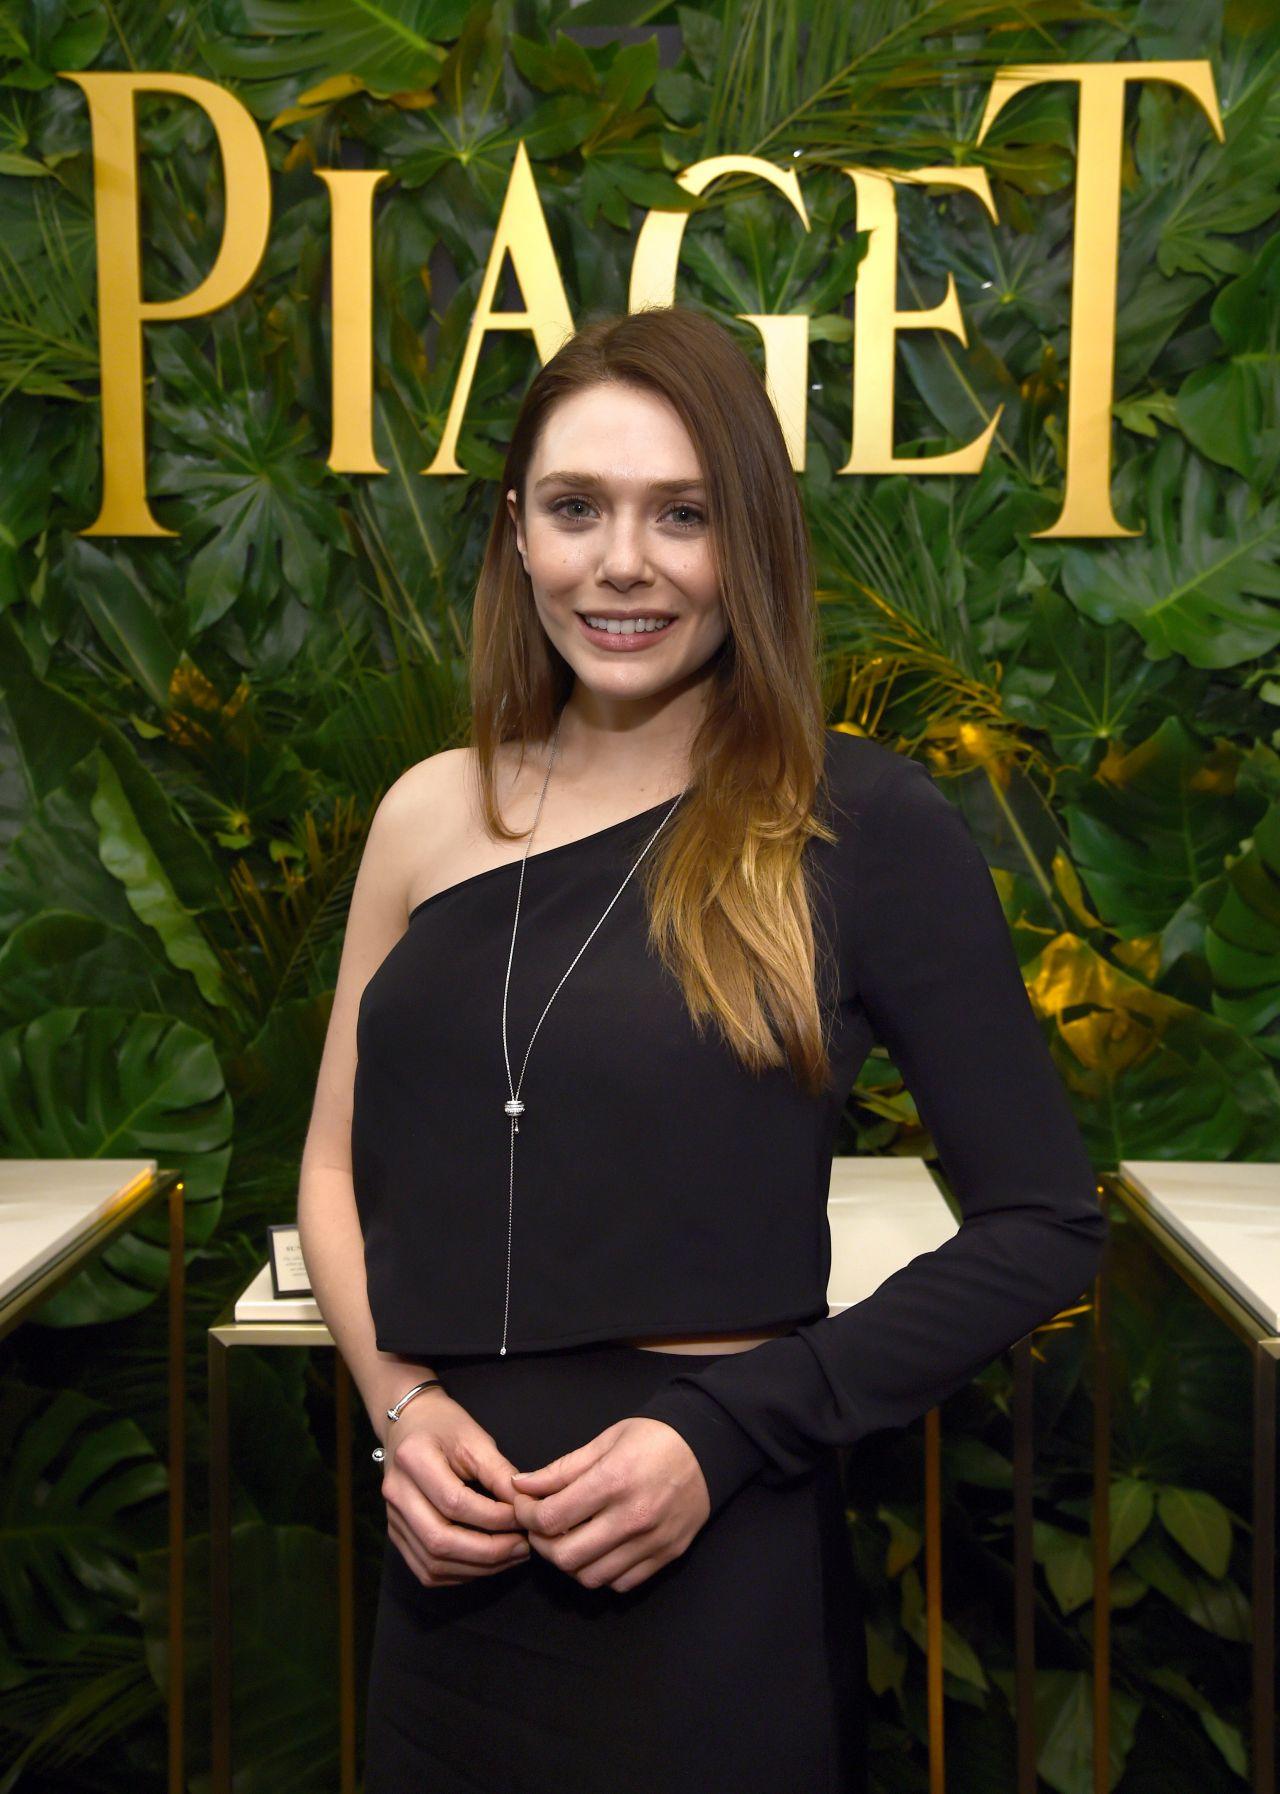 http://celebmafia.com/wp-content/uploads/2018/03/elizabeth-olsen-piaget-celebrates-independent-film-in-la-03-02-2018-0.jpg